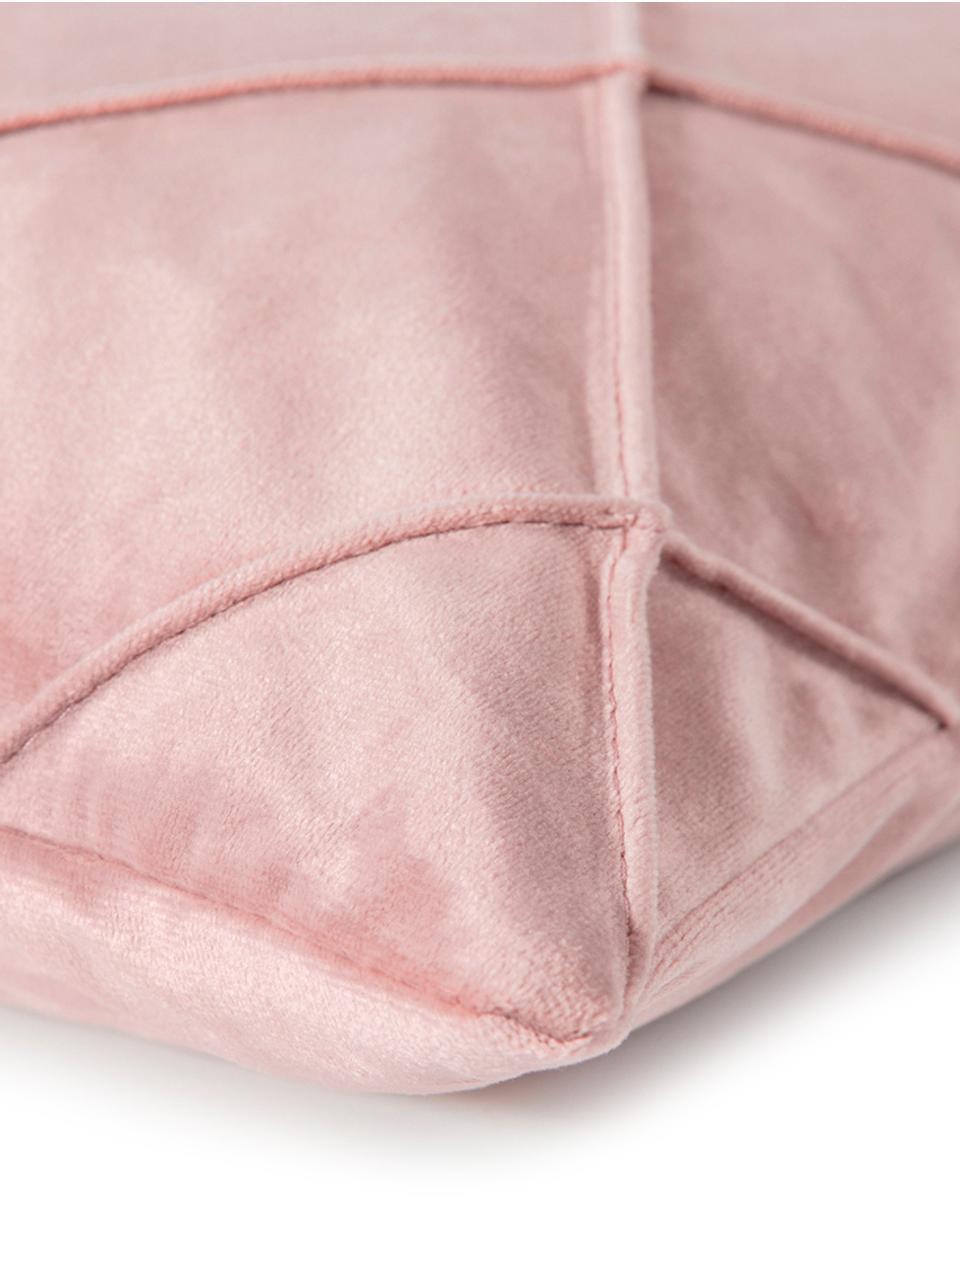 Federa arredo in velluto con motivo a rombi Nobless, 100% velluto di poliestere, Rosa cipria, Larg. 50 x Lung. 50 cm